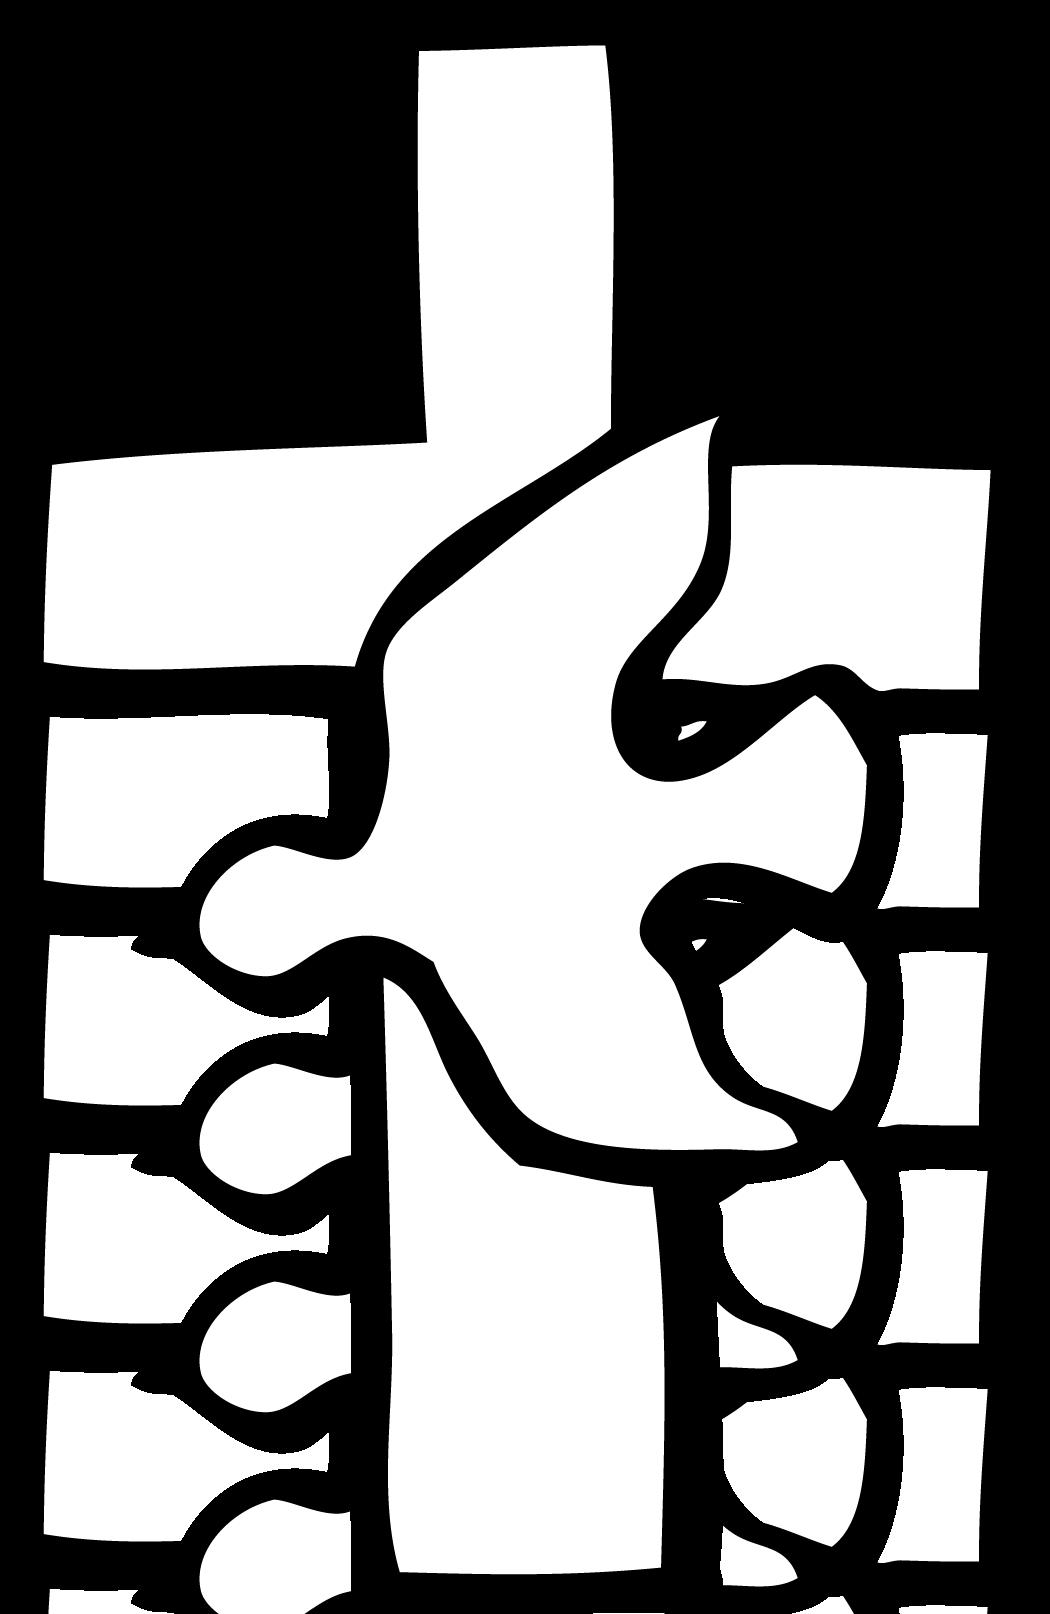 Fancy cross clipart